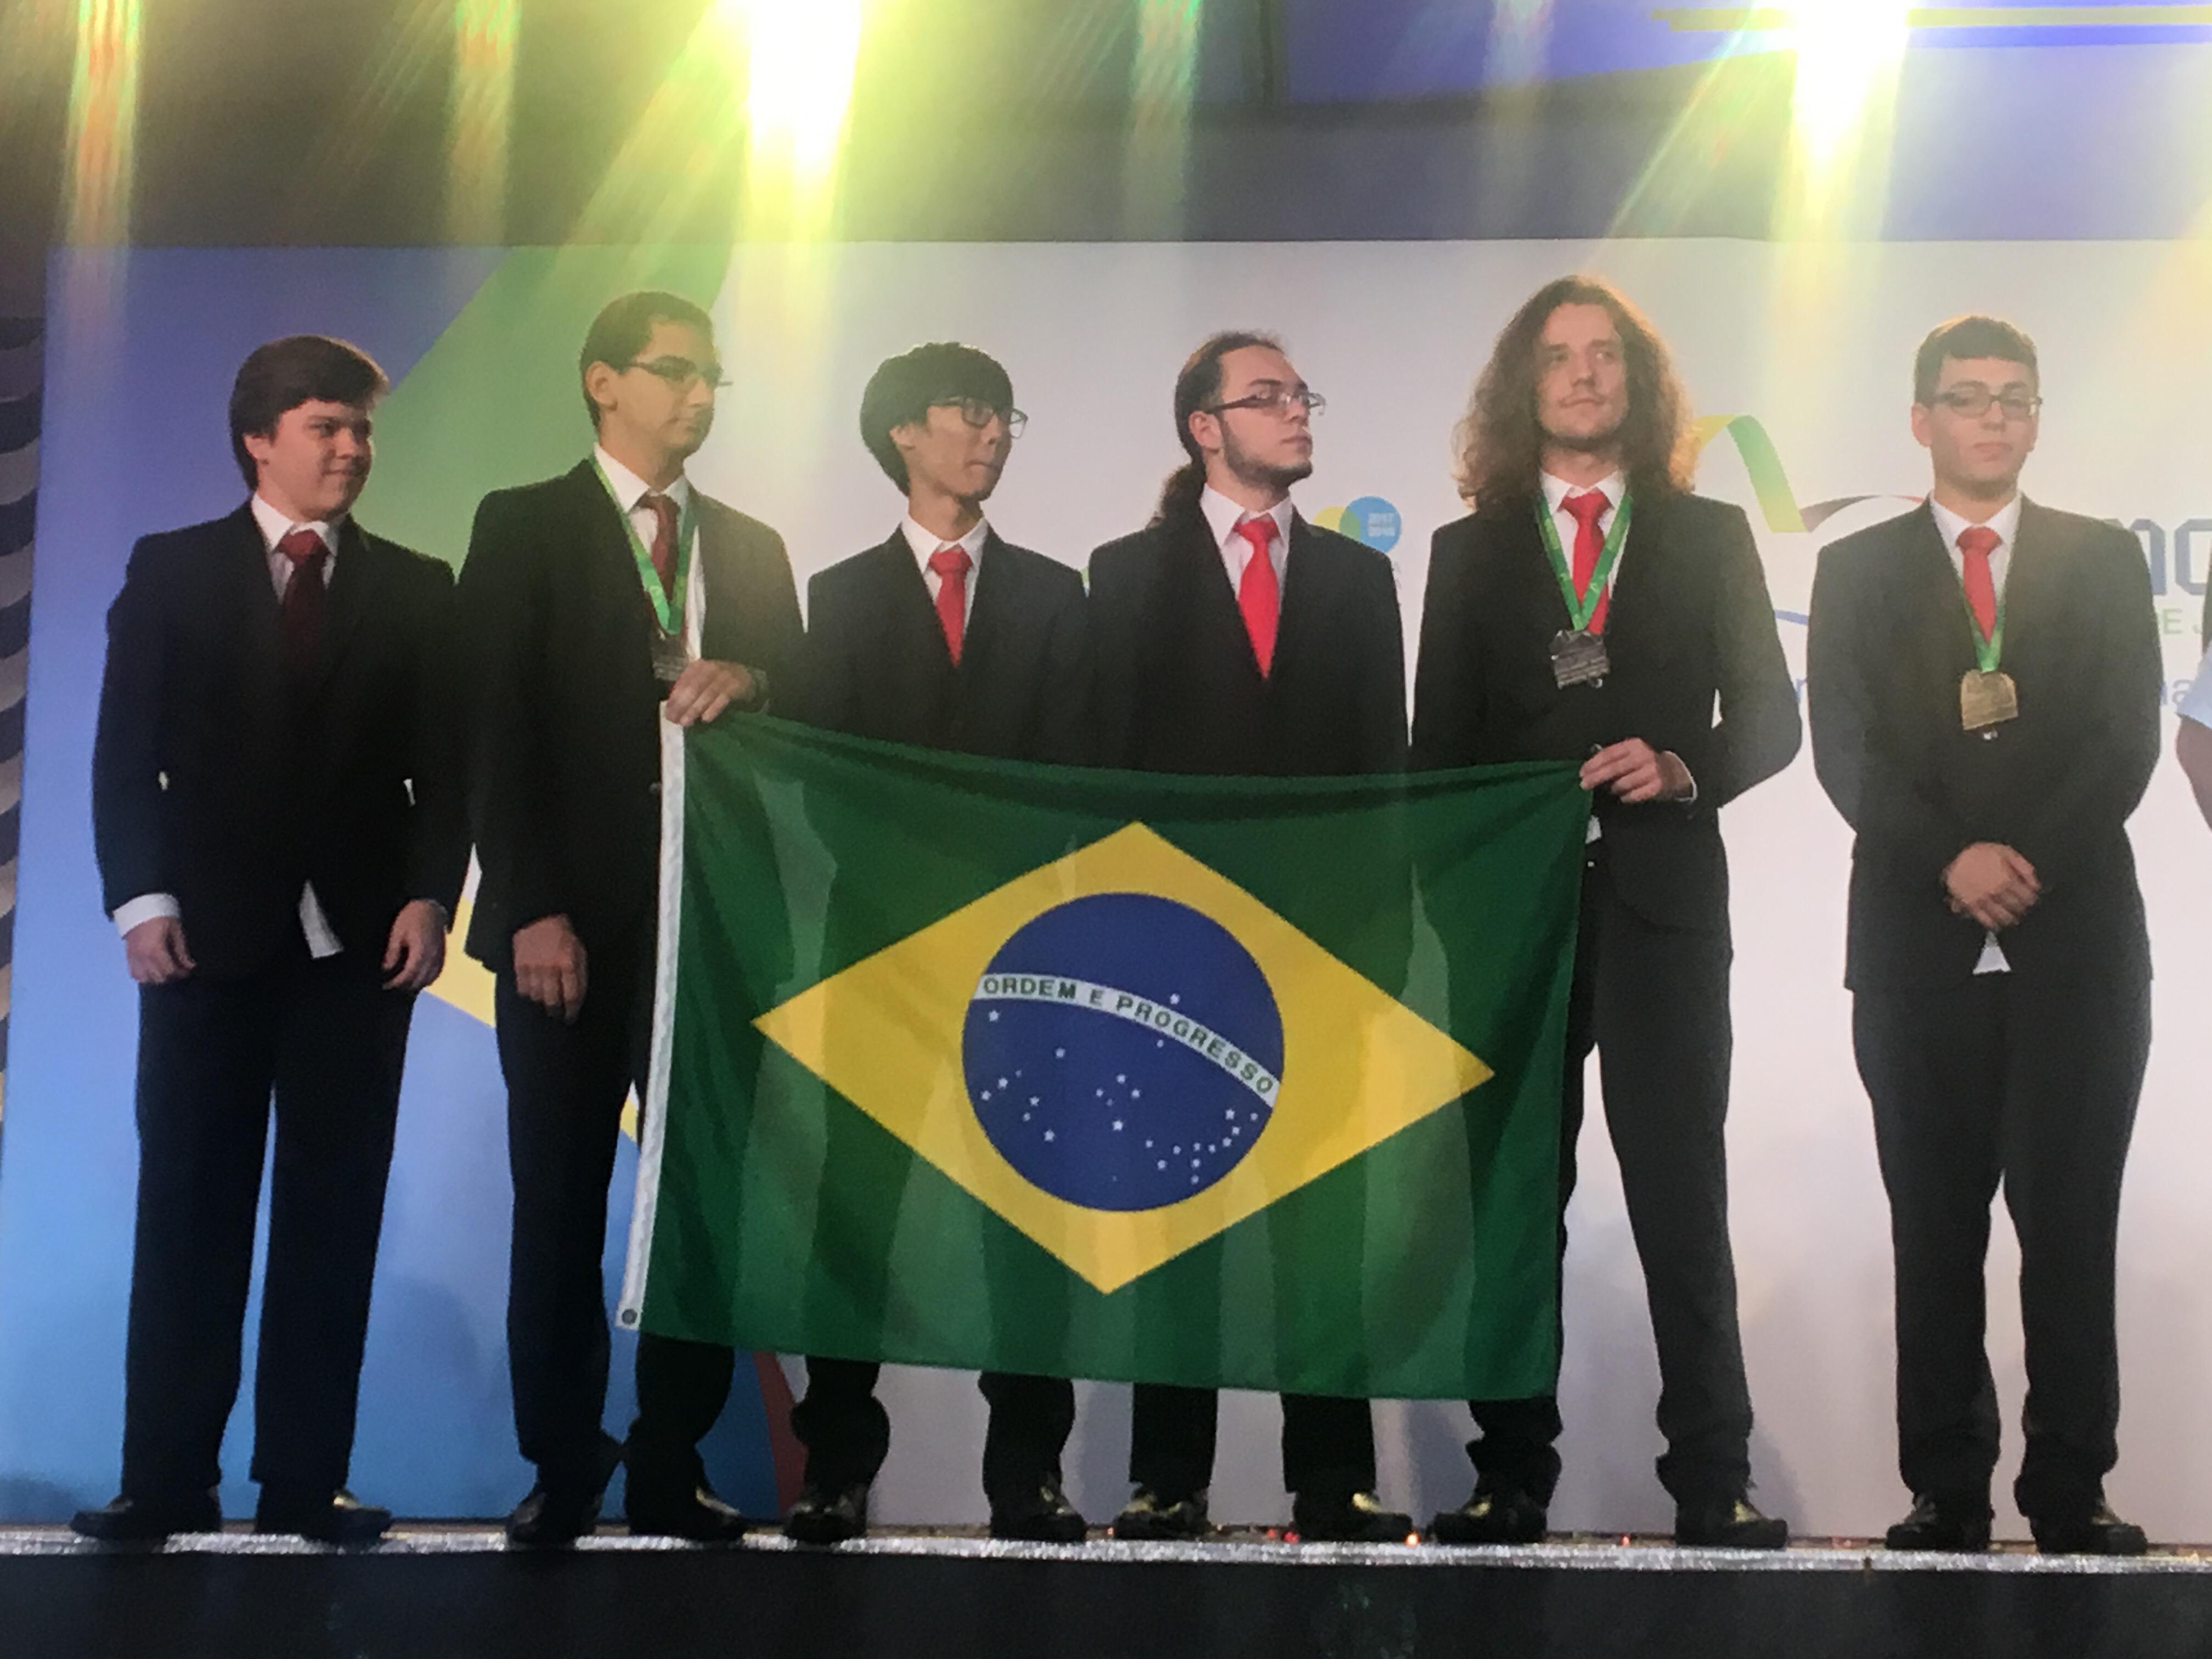 Coreia do Sul vence Olimpíada de Matemática; Brasil fica em 37º